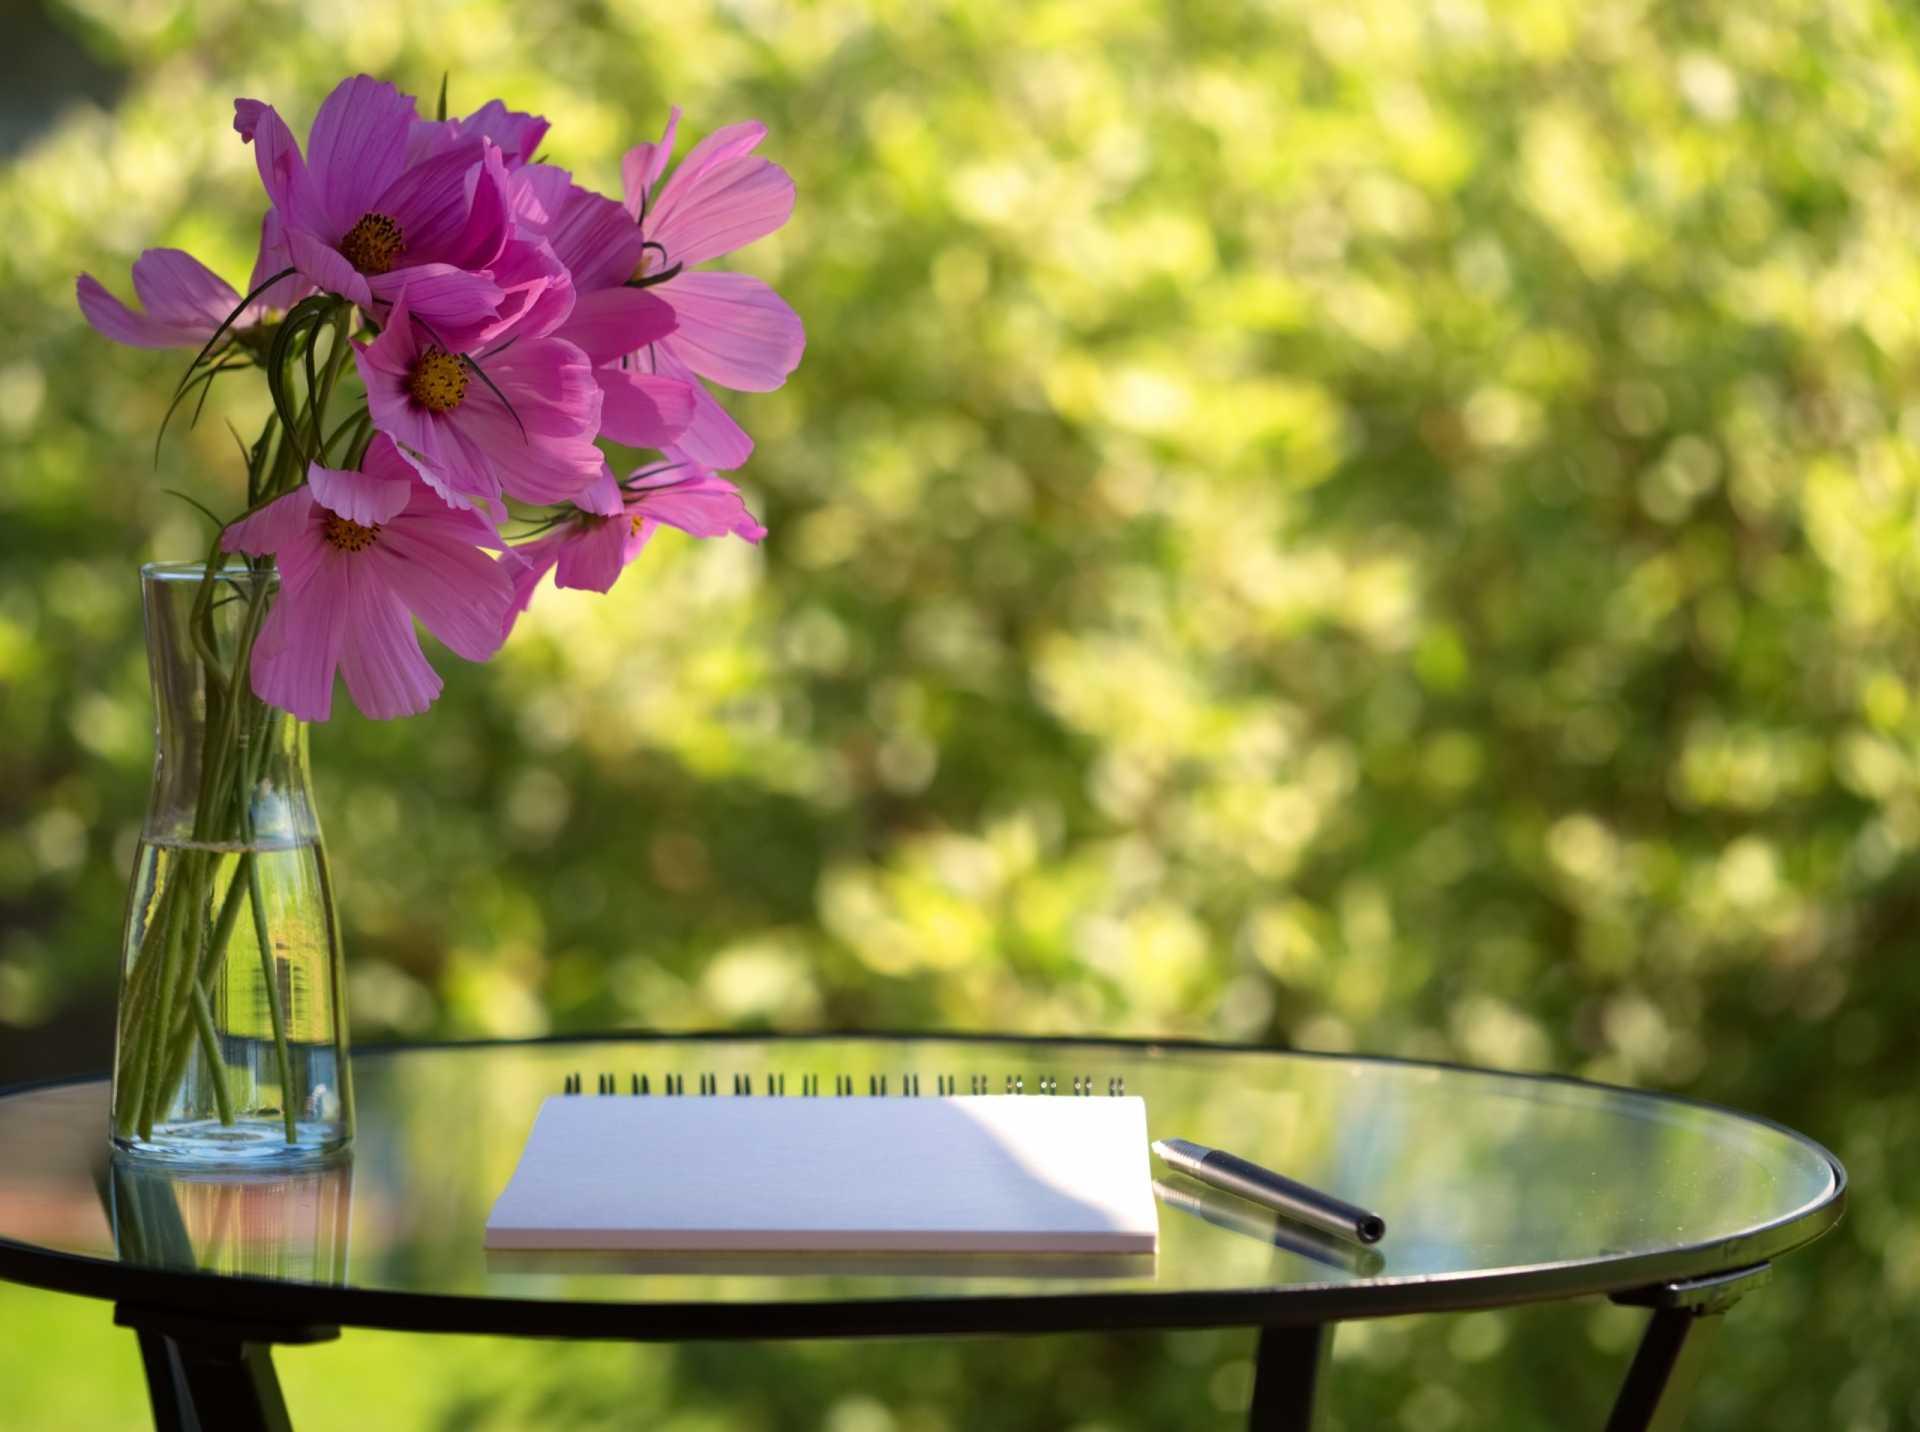 Beistelltisch Garten: Die besten 3 Modelle für mehr Komfort und Ablagemöglichkeiten im Garten